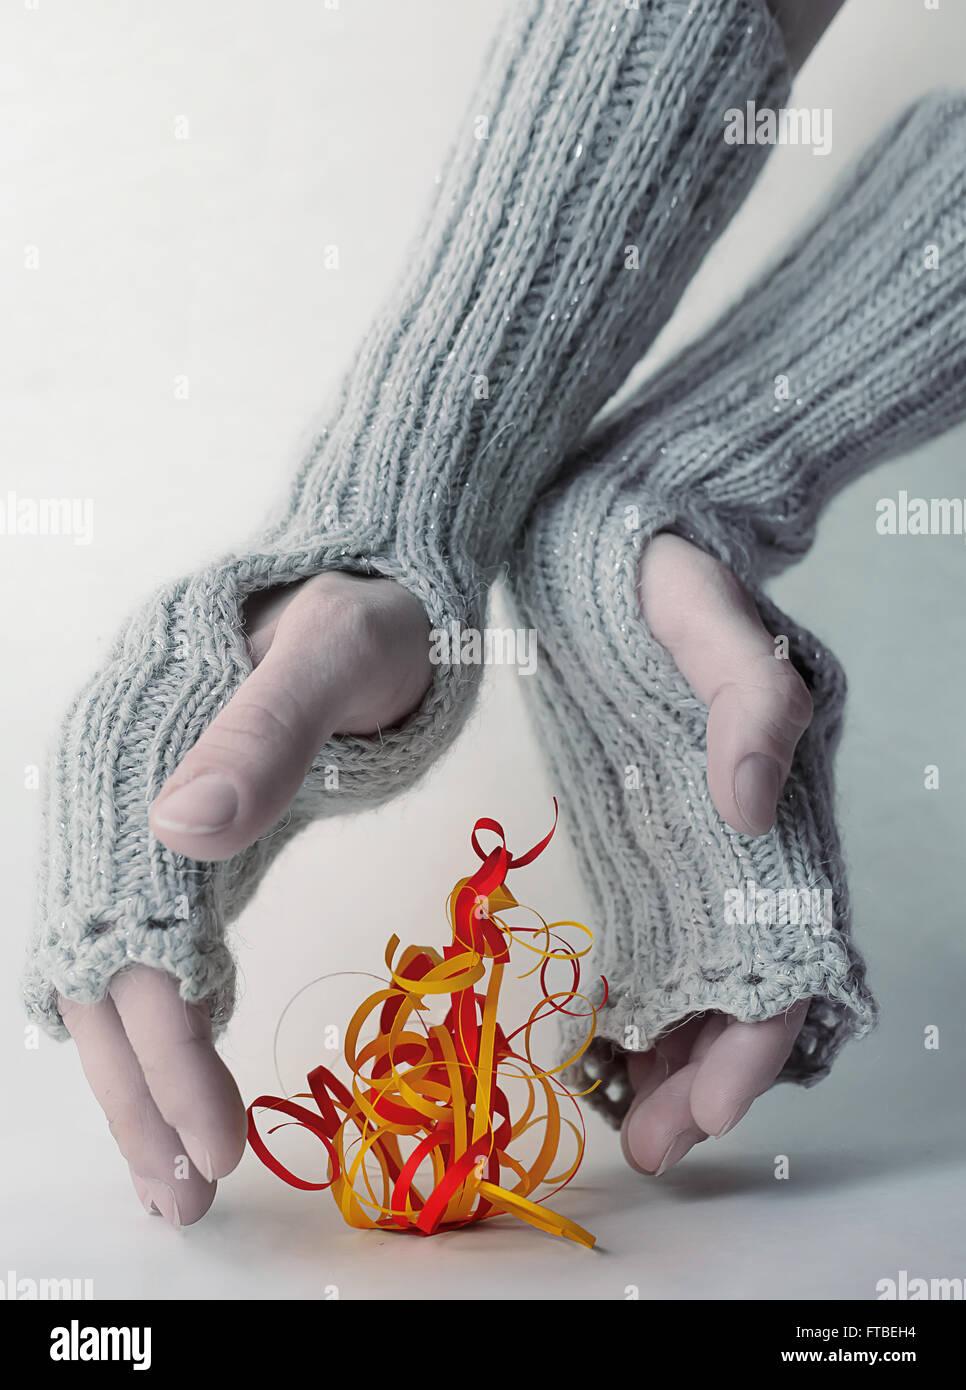 Dezember-Feuer Stockbild